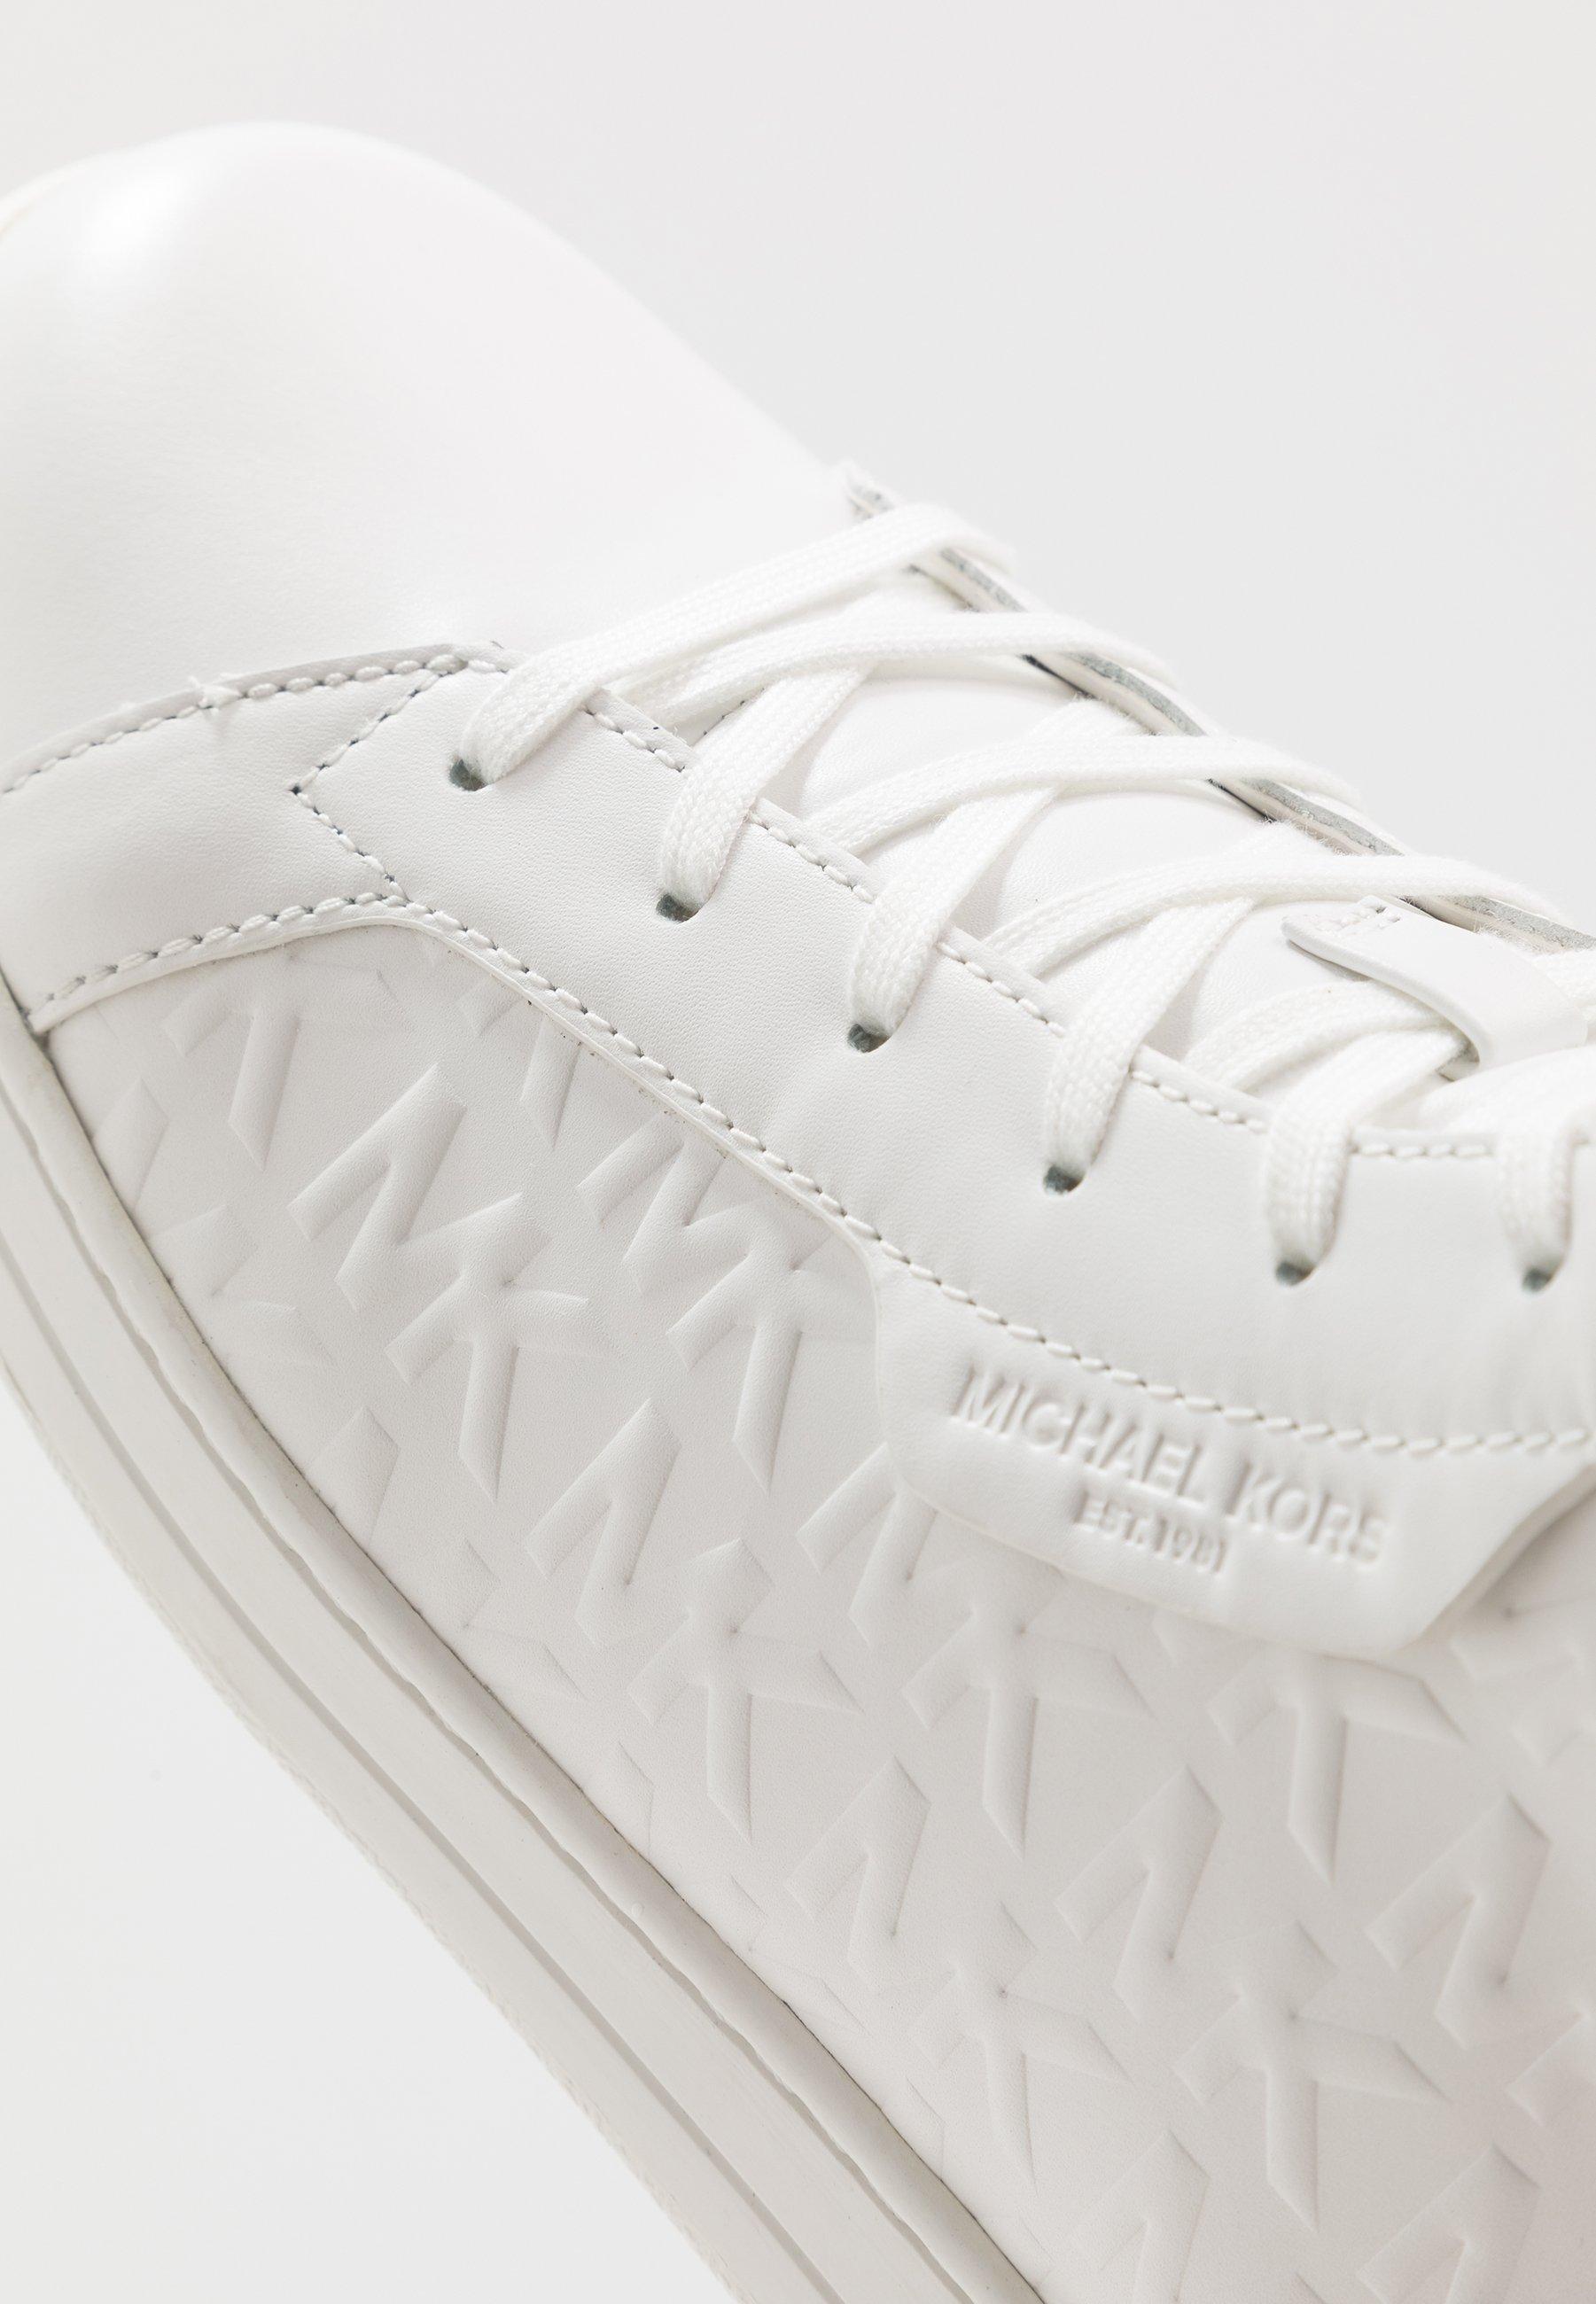 Michael Kors KEATING TOP - Sneakers alte - optic white jL8phc15